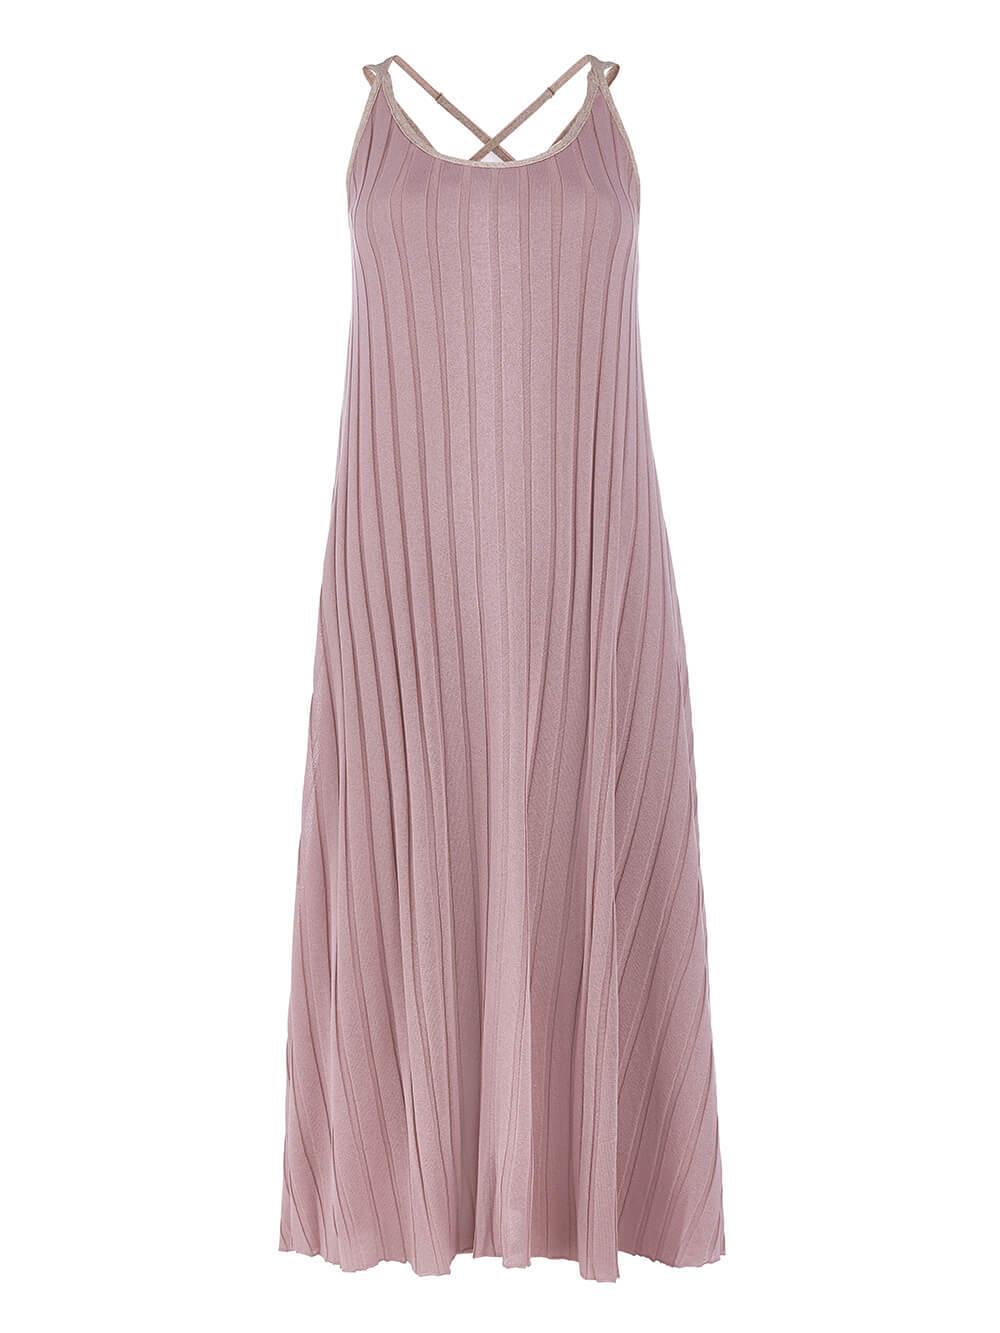 Женское платье светло-розового цвета из вискозы - фото 1